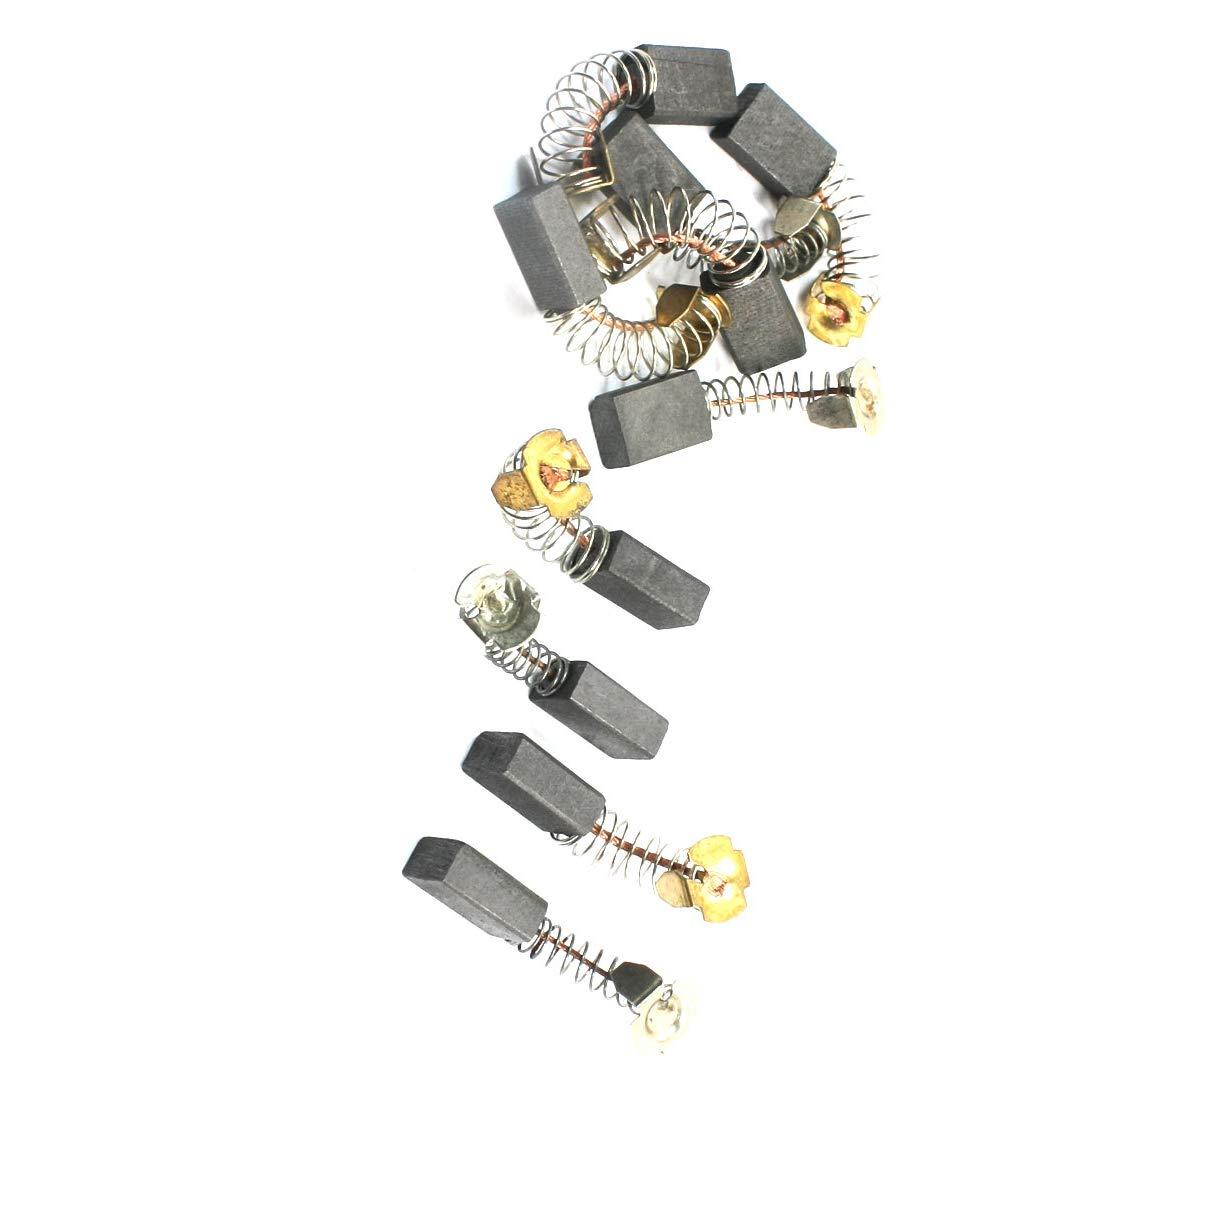 KS TOOLS 918.1495 Mini cliquet 1//4 chrome plus 72 Dents du coffret 918.4500